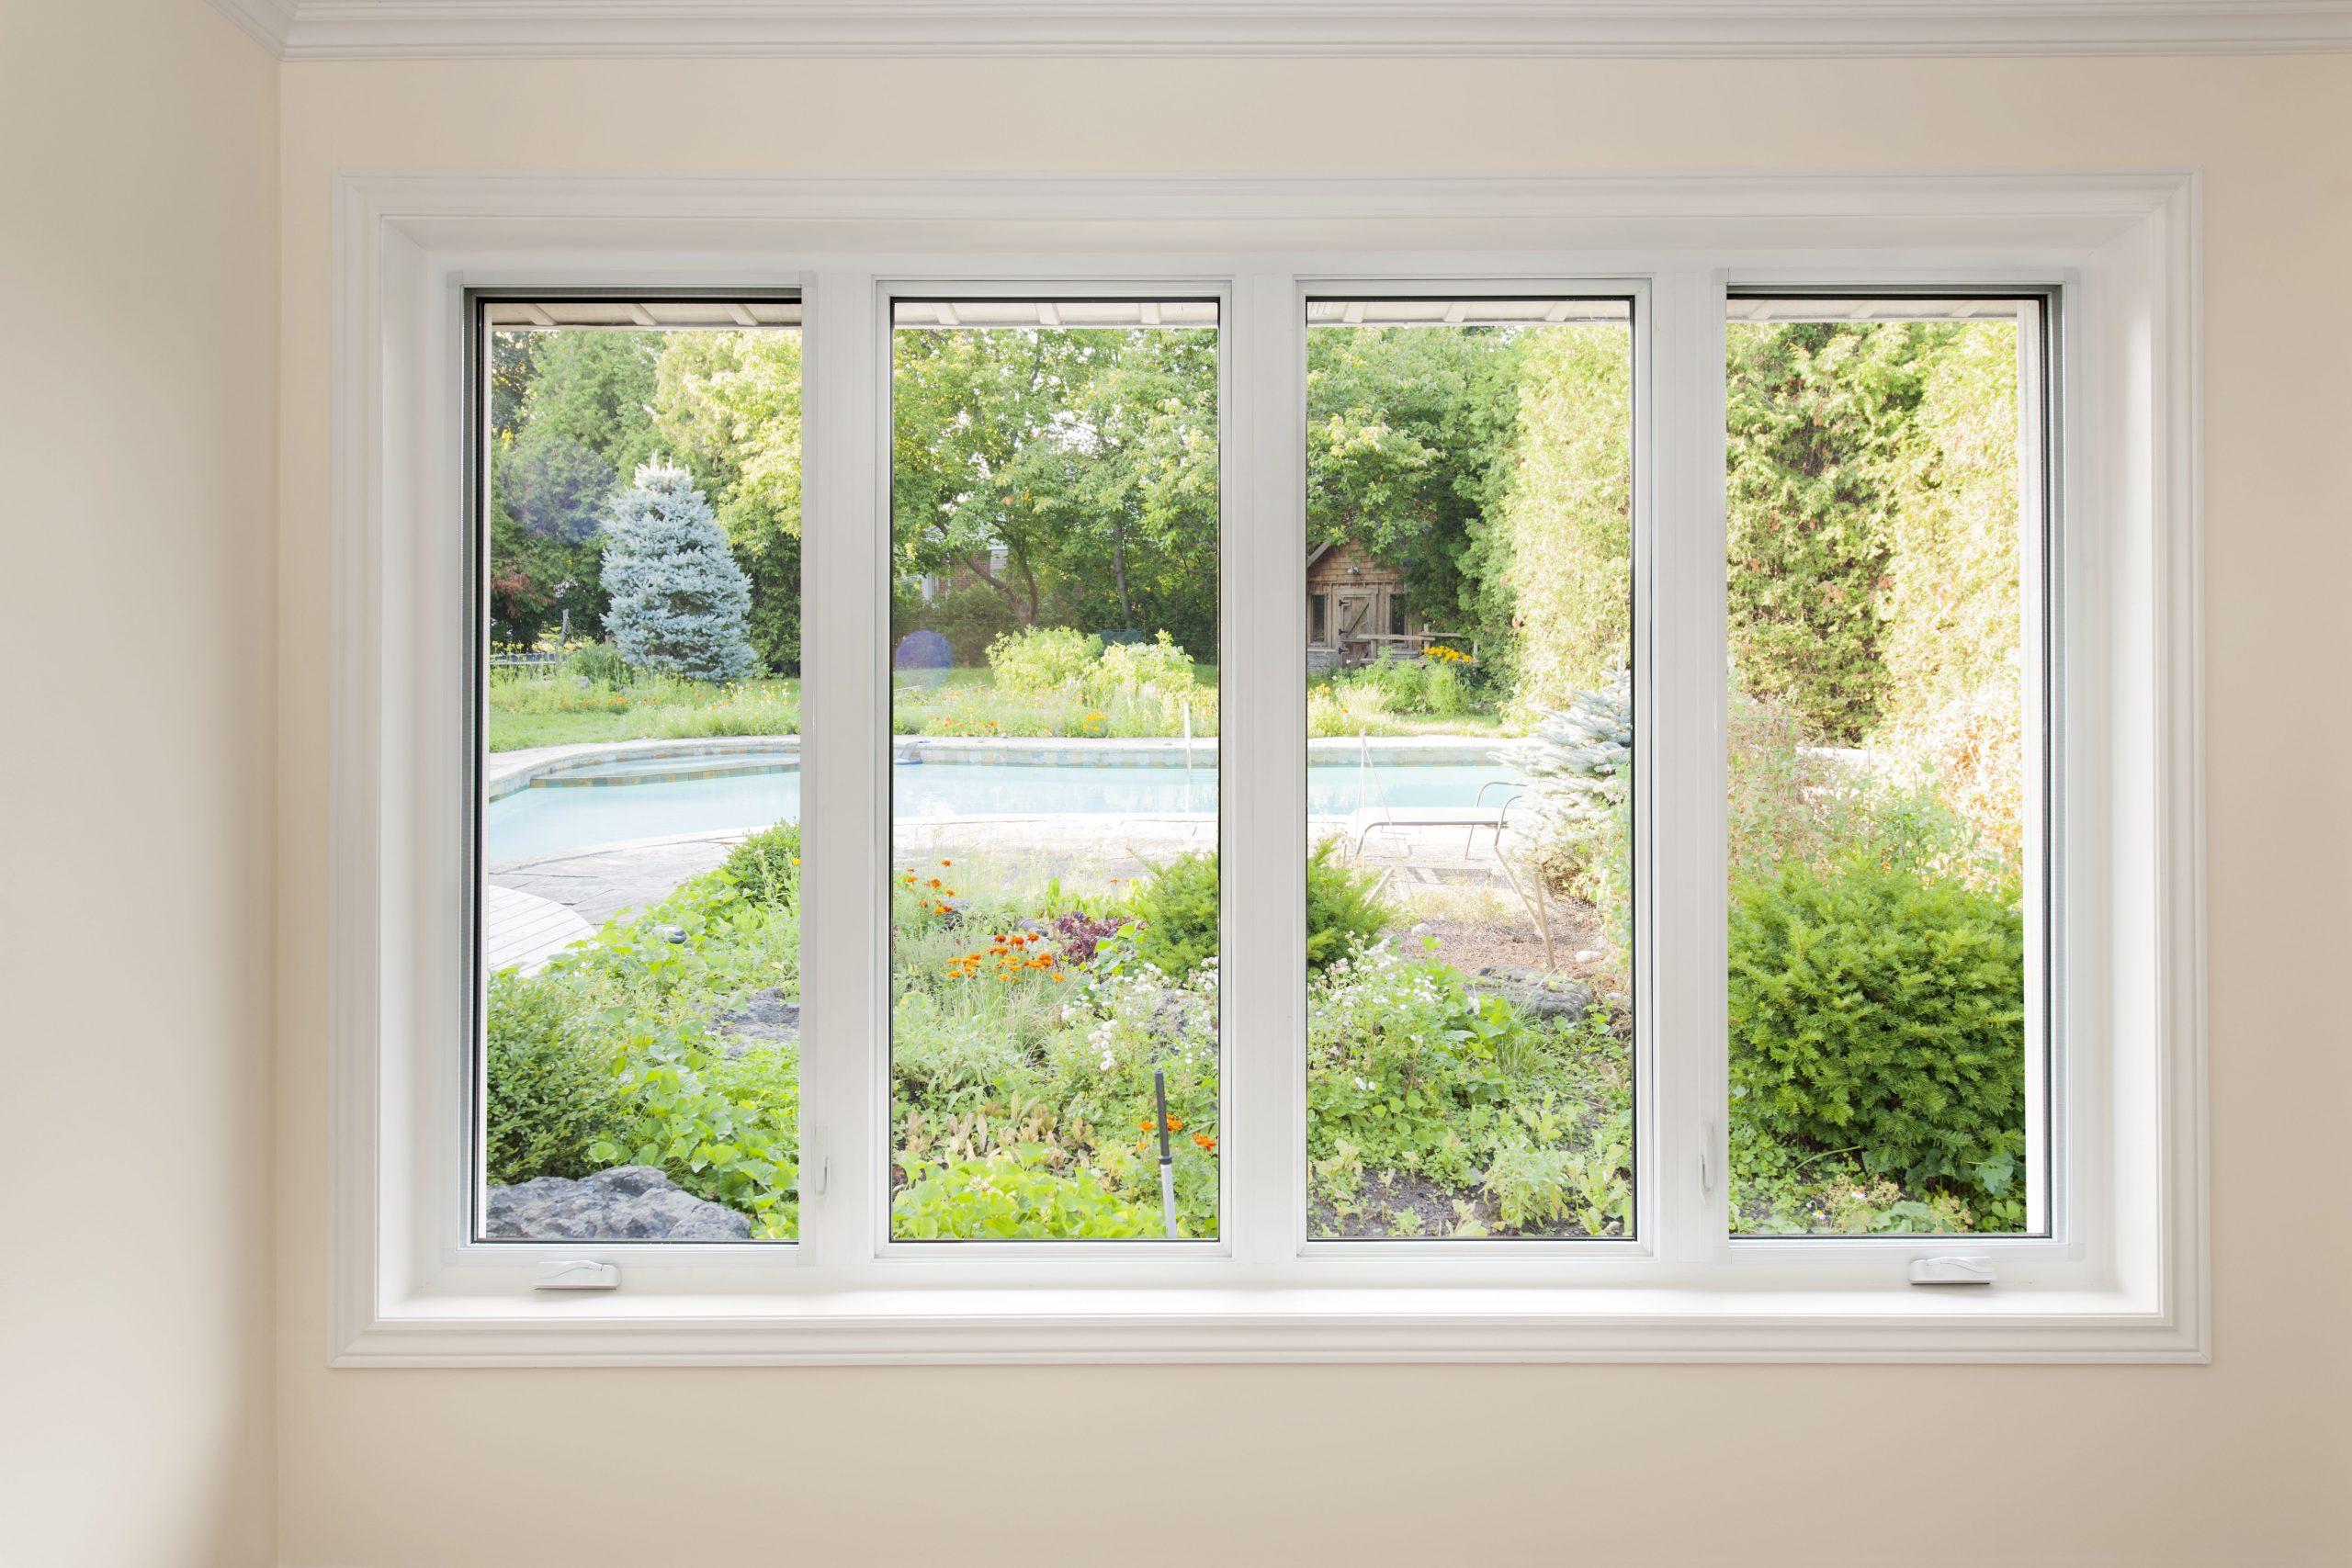 Full Size of Fenster Austauschen Neue Beste Veglasung Schüco Preise Plissee Alte Kaufen Wärmeschutzfolie Sicherheitsbeschläge Nachrüsten Klebefolie Für Insektenschutz Fenster Fenster Austauschen